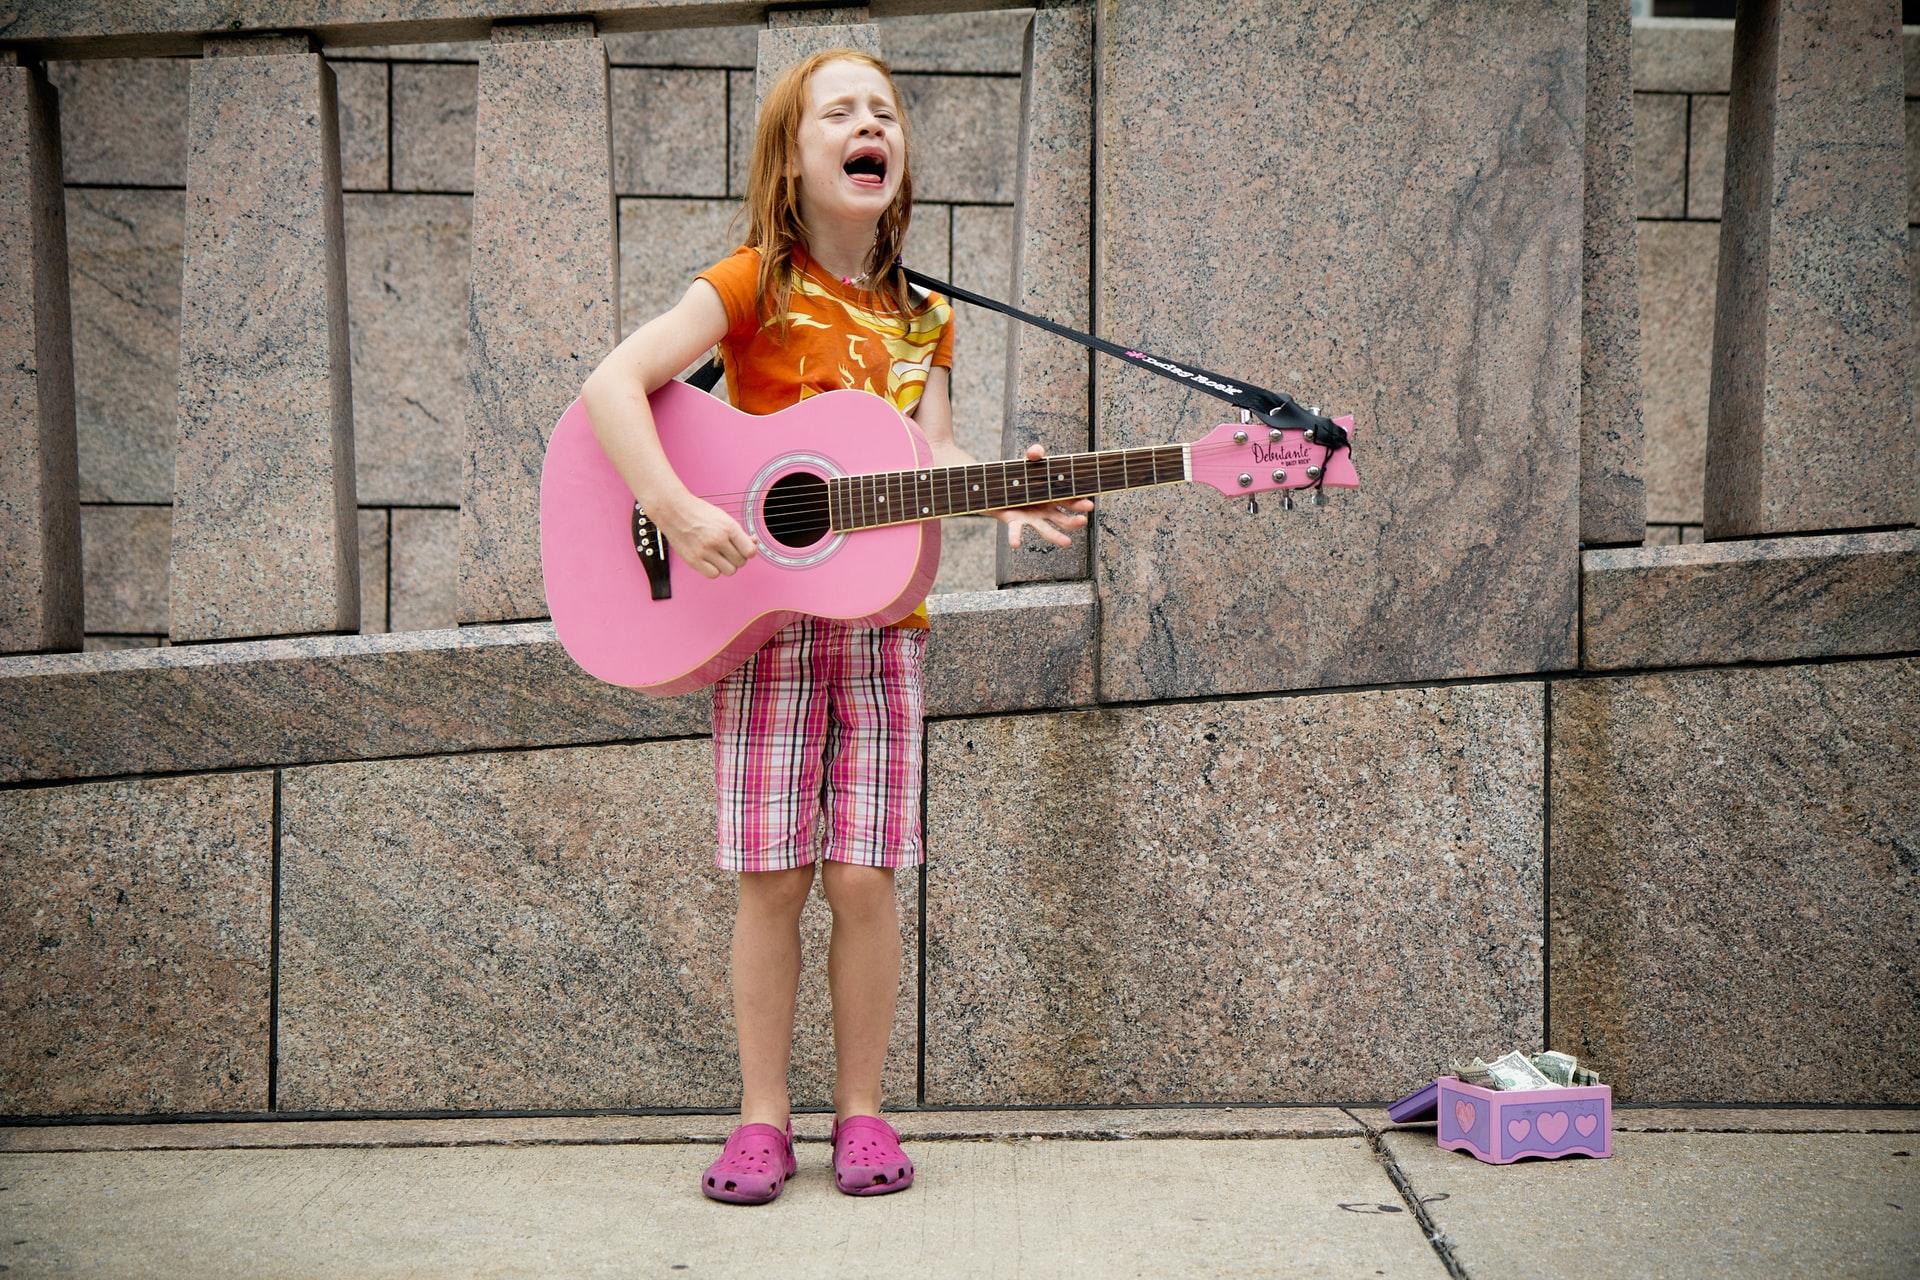 Meisje roze gitaar